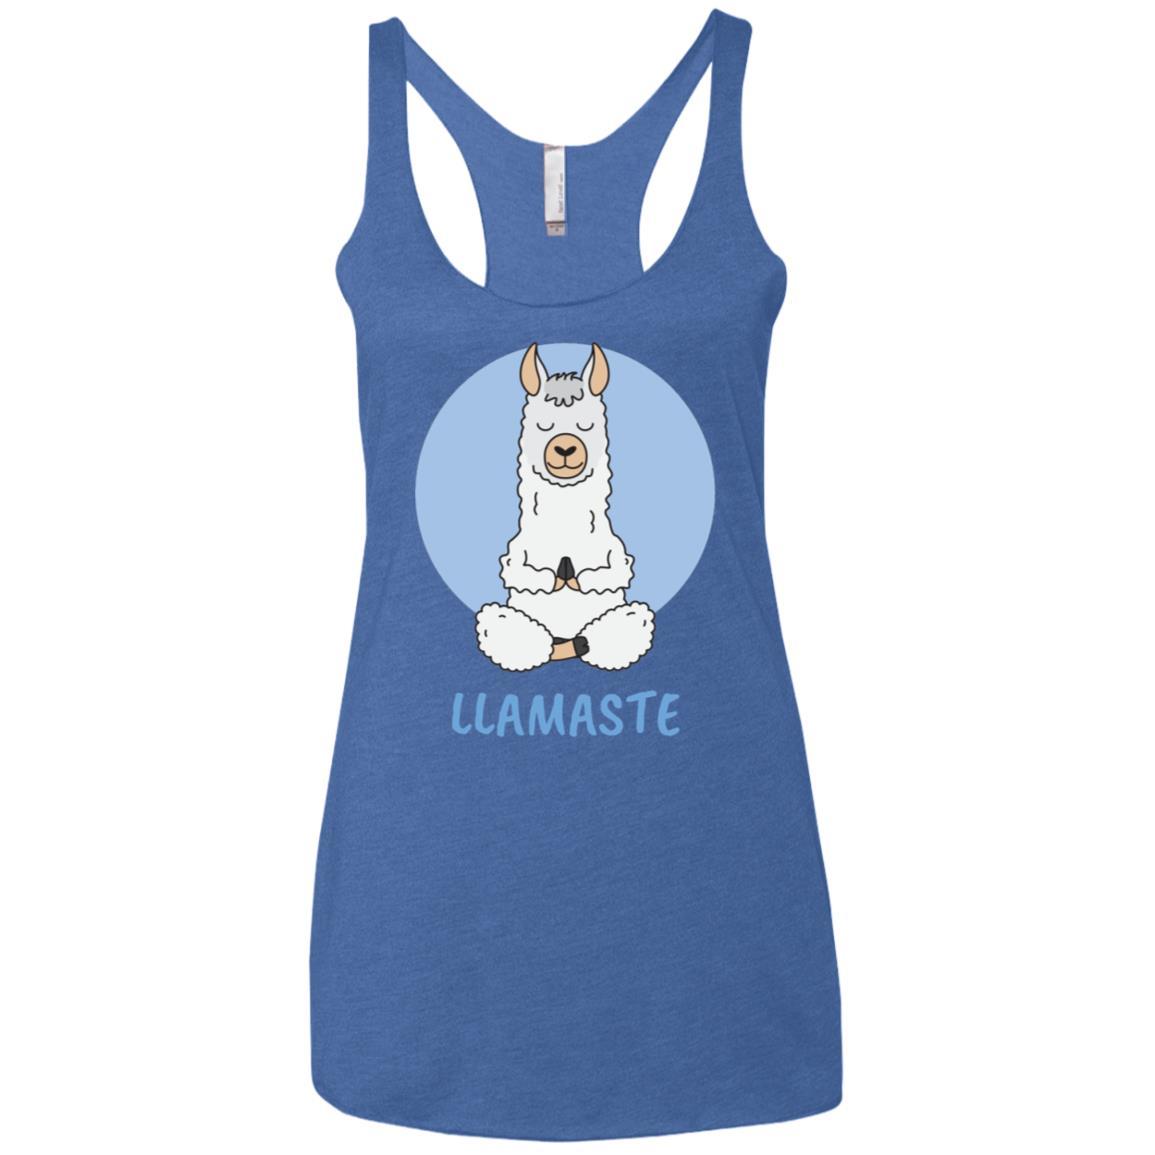 Llamaste Yoga